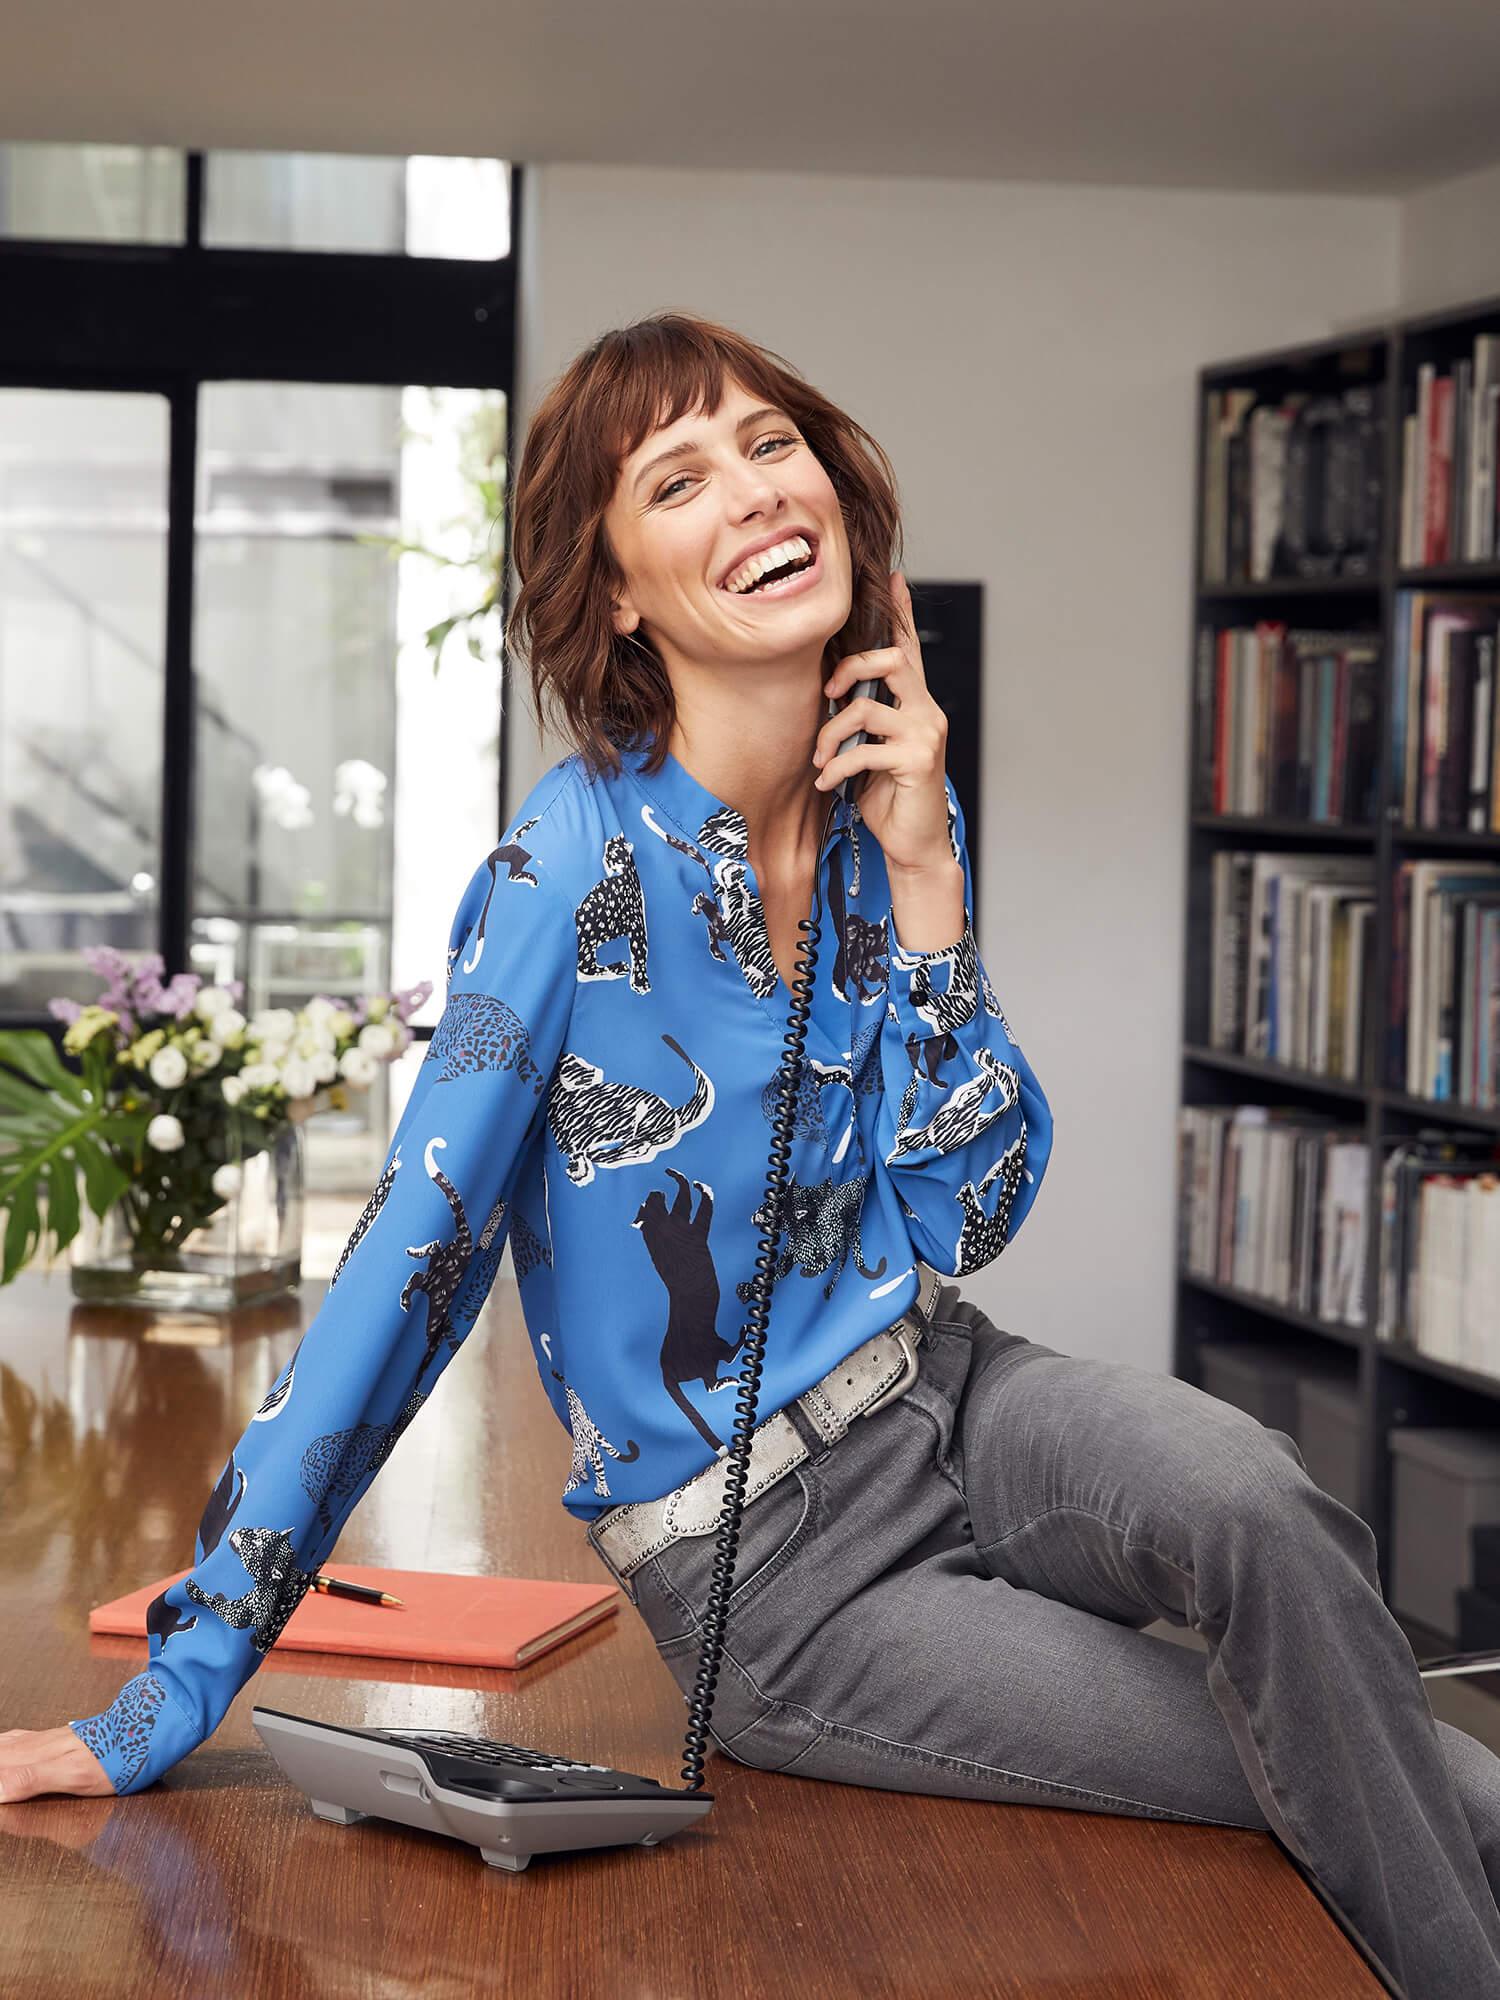 Frau mit blauer Bluse am Telefon.